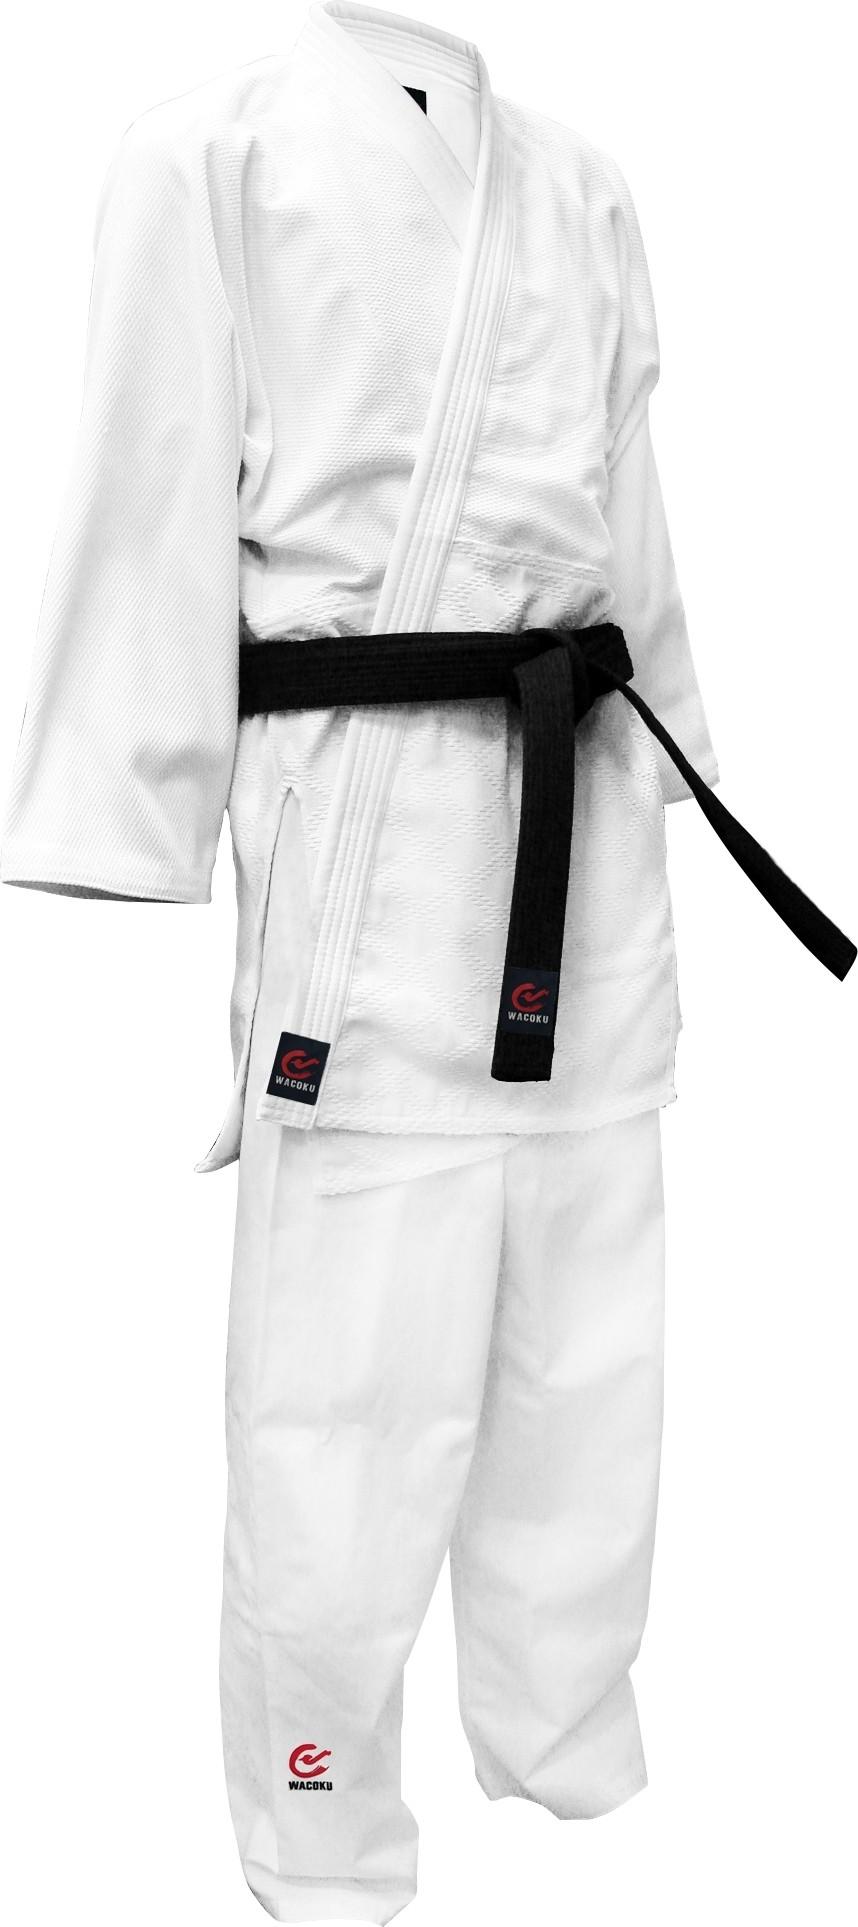 Wacoku JUDO Uniform 950GM (White)